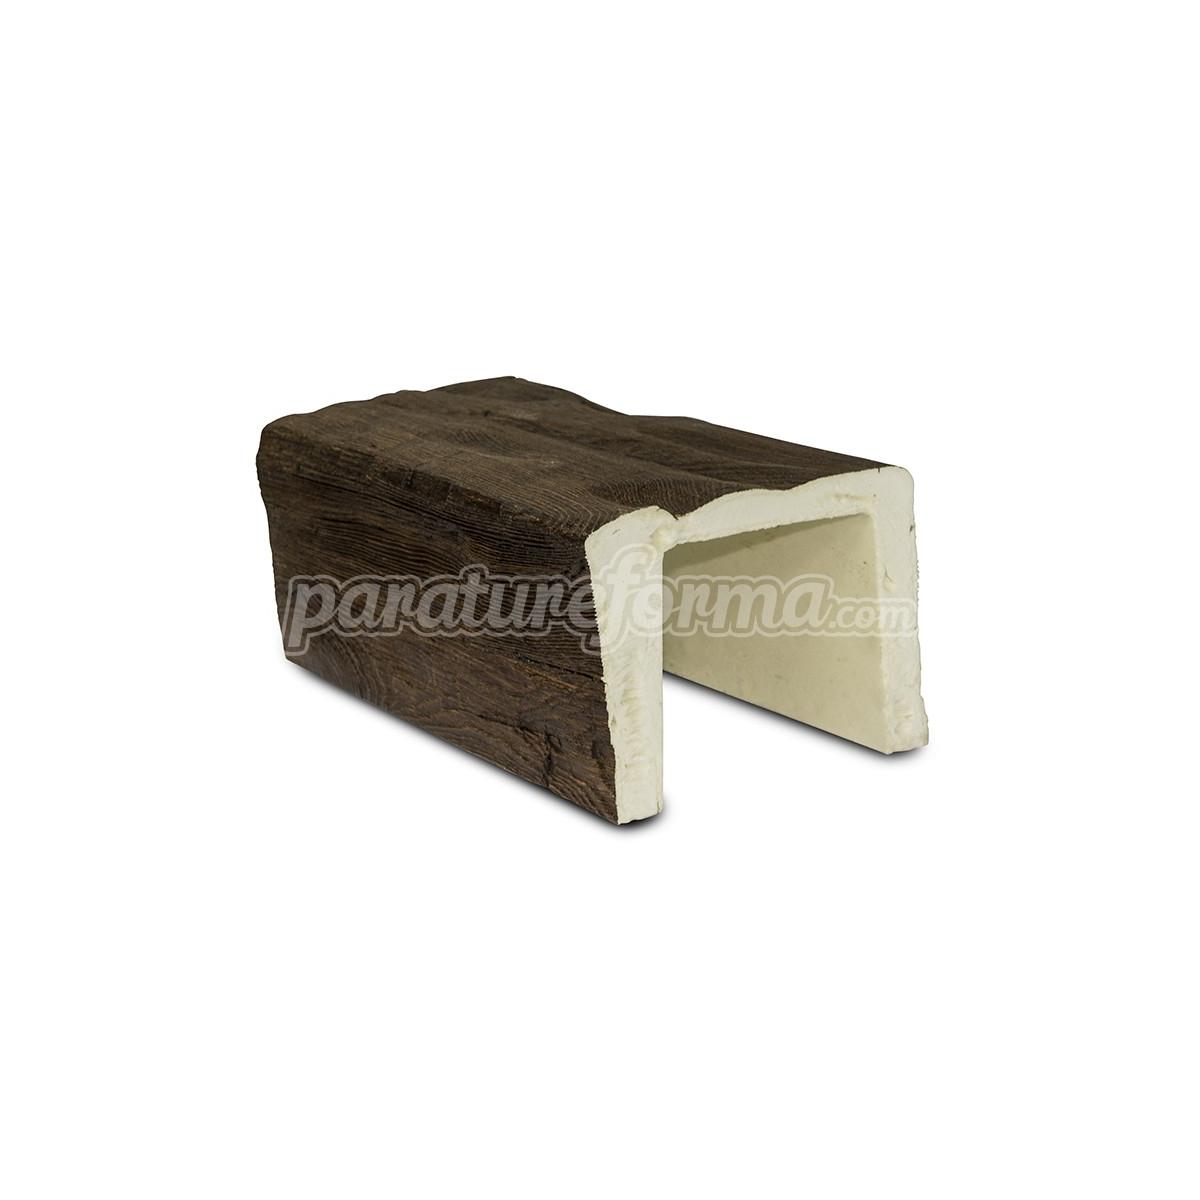 Viga 300x7x5,5 imitación madera Vigas imitación madera cuadradas Grupo Unamacor